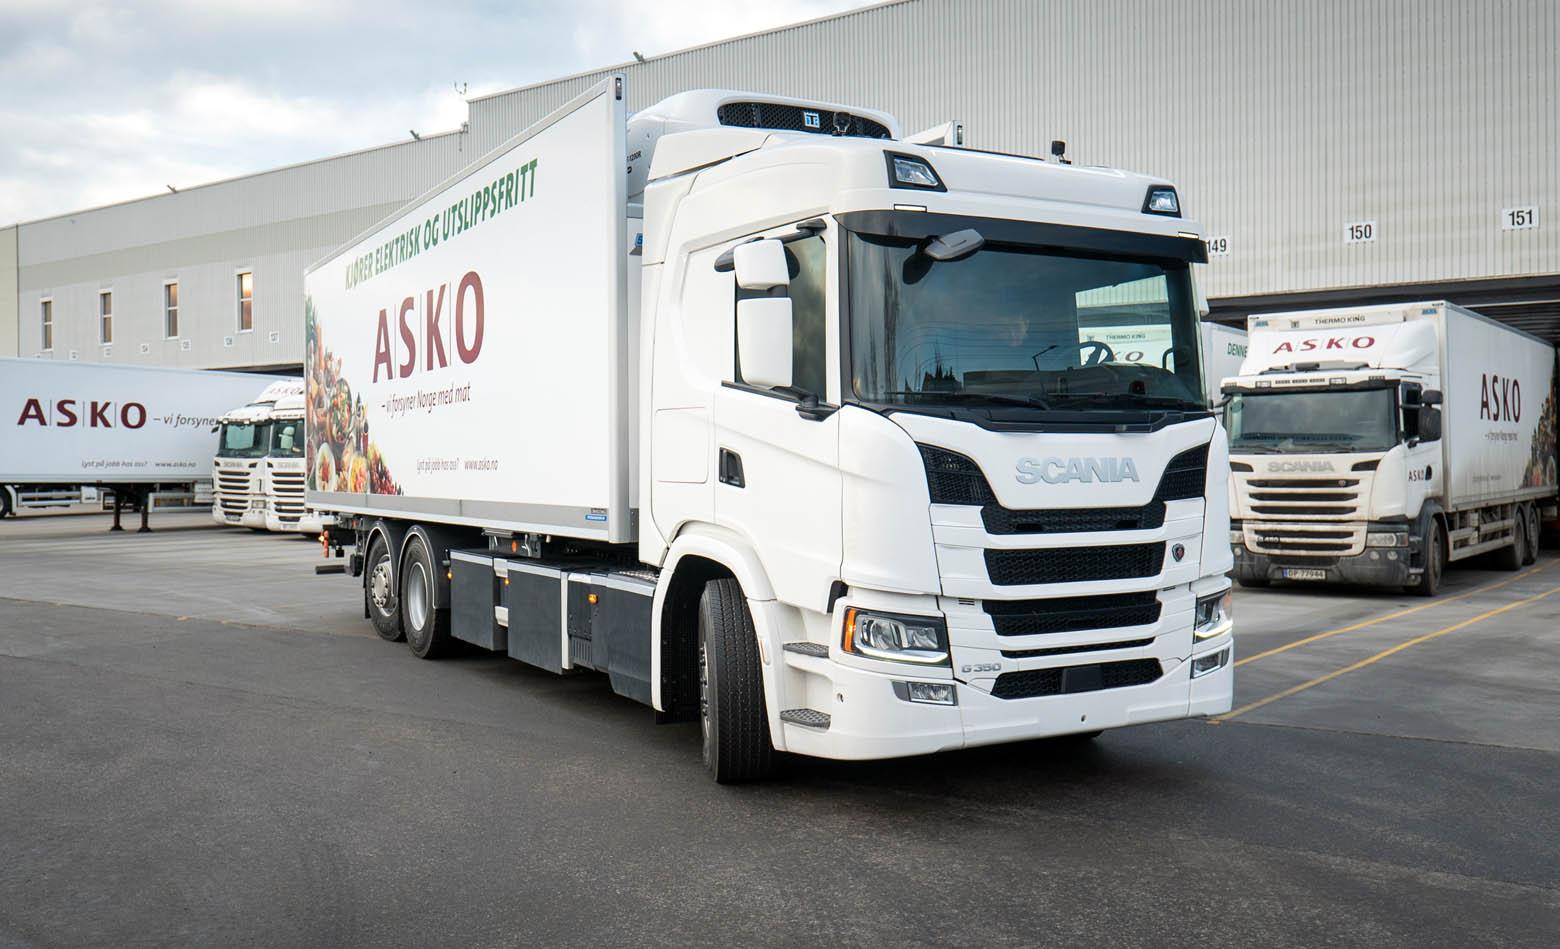 75 električnih Scania kamiona za ASKO